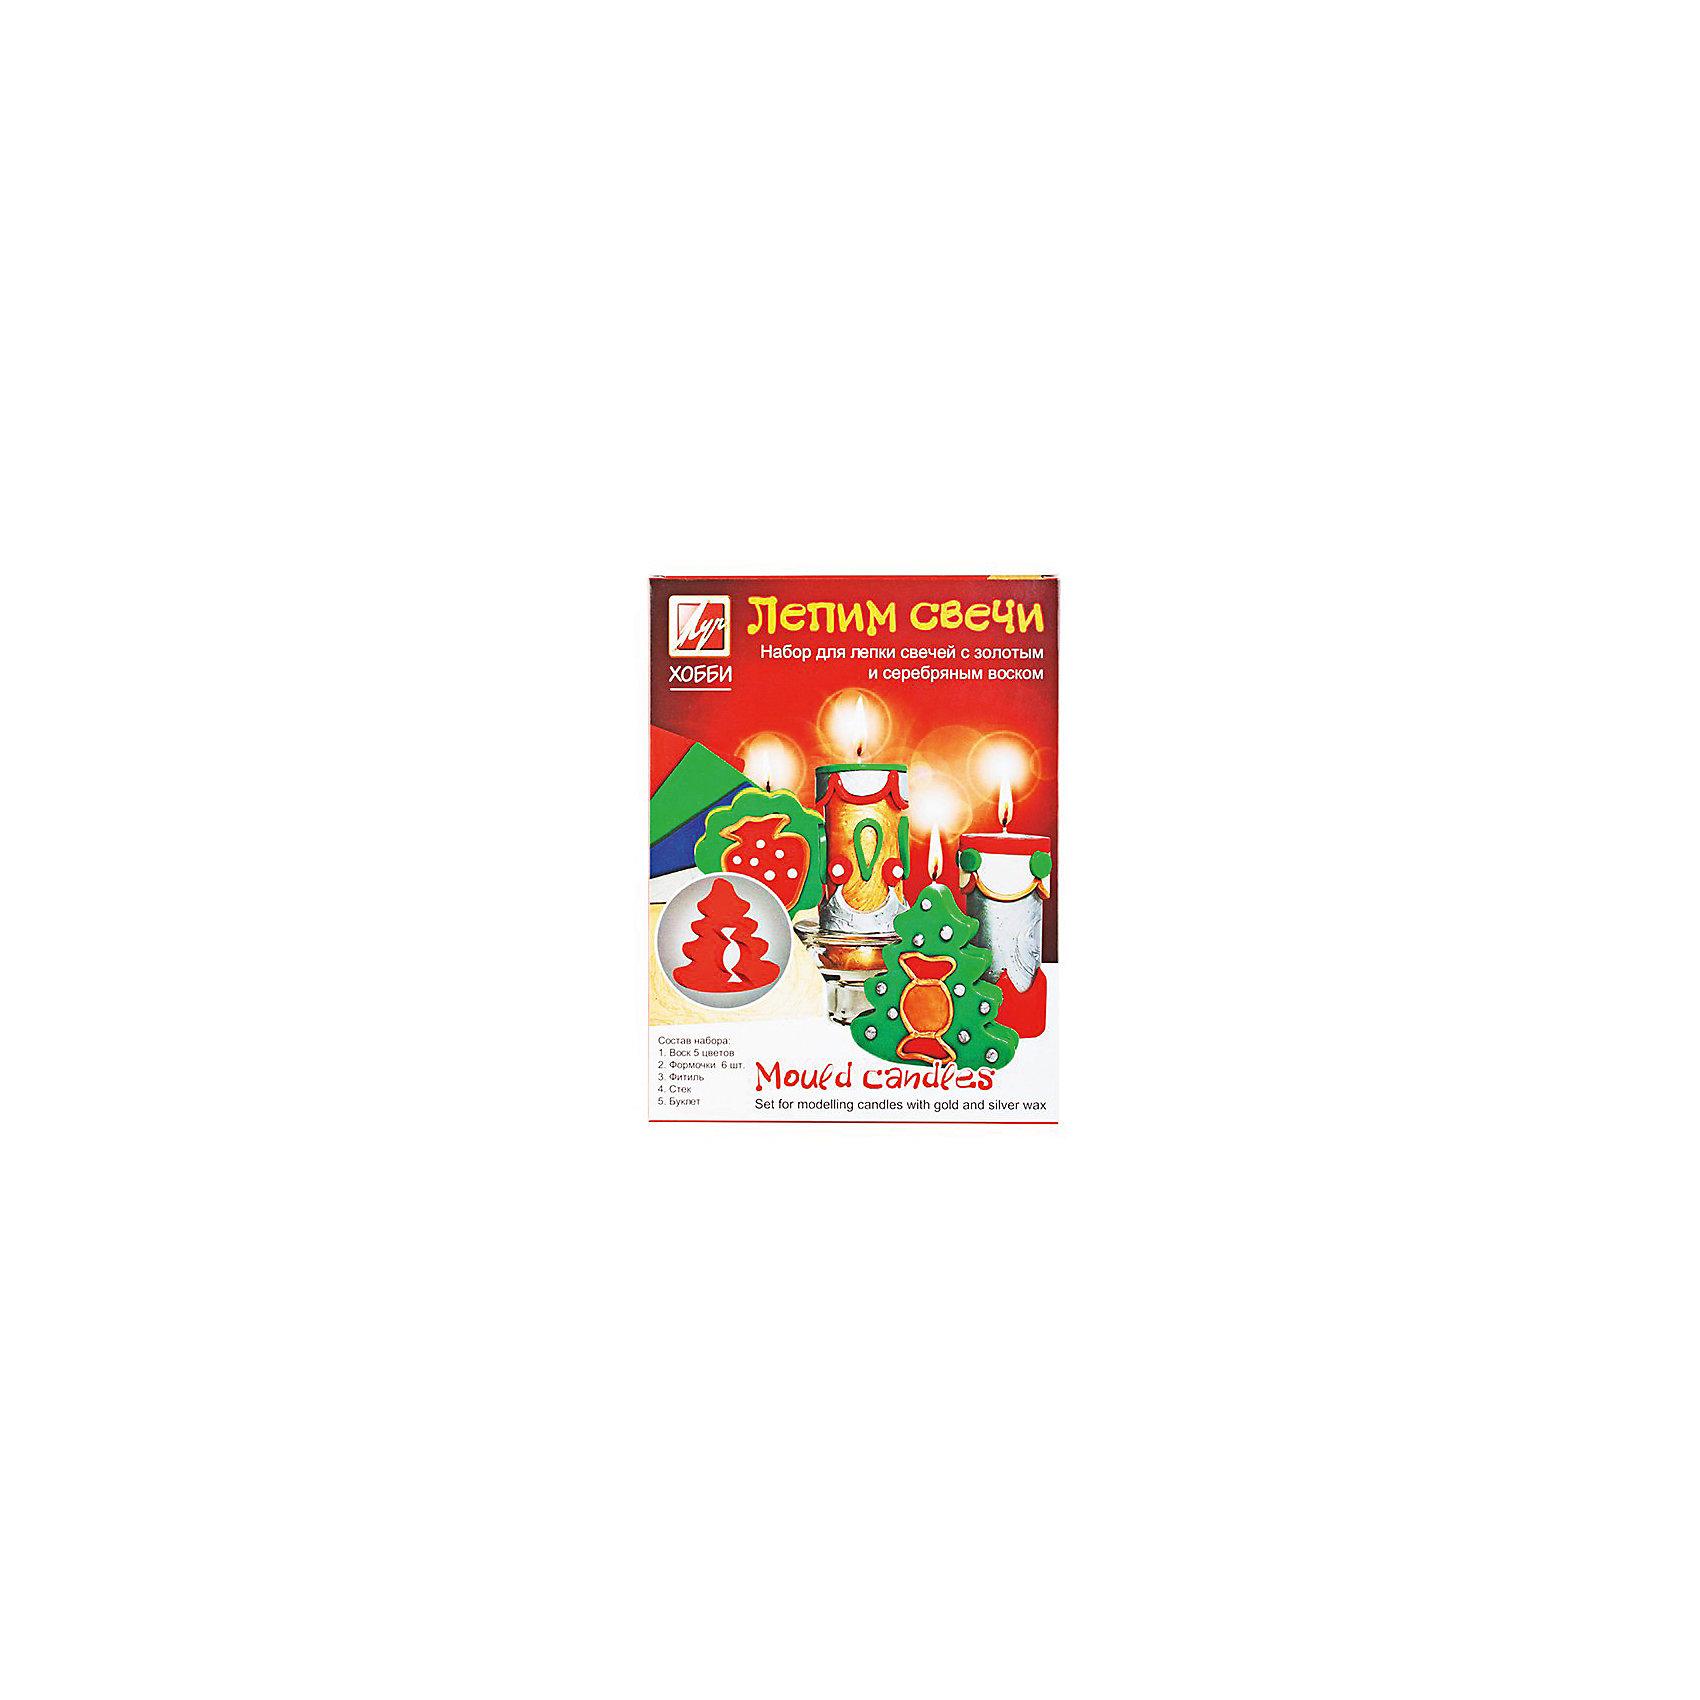 Набор для творчества Лепим свечи с золотом и серебромНаборы для создания свечей<br>Характеристики:<br><br>• Предназначение: для занятий лепкой<br>• Пол: универсальный<br>• Коллекция: Классика<br>• Тема: Новый год<br>• Комплектация: парафин, фитиль, буклет, 6 двухсторонних формочек, стек<br>• Материал: парафин, текстиль, пластик, картон<br>• Размеры упаковки (Д*Ш*В): 11*3*18,5 см<br>• Вес упаковки: 376 г <br>• Упаковка: картонная коробка<br><br>Набор для творчества Лепим свечи с золотом и серебром от отечественной компании Луч, специализирующейся на выпуске канцелярских товаров и товаров для занятий творчеством. Набор состоит из материалов и приспособлений, необходимых для создания свечей с декоративными элементами новогодней тематики. Все материалы, использованные в комплекте безопасны и нетоксичны, они не вызывают аллергических реакций. Уникальность набора заключается в том, что парафин для создания свечи выполнен в форме пластин и для придания ему нужной формы не требуется его подвергать термической обработке, что делает набор безопасным даже для детей младшего дошкольного возраста. Набор для изготовления свечей может стать прекрасным вариантов в качестве подарка к праздникам не только для детей, но и для взрослых, которые увлекаются занятиями творчеством. С помощью набора можно создать оригинальные подарки для родных и близких. Занятия творчеством развивают мелкую моторику рук, способствуют формированию художественно-эстетического вкуса и дарят хорошее настроение не только ребенку, но и окружающим!<br><br>Набор для творчества Лепим свечи с золотом и серебром можно купить в нашем интернет-магазине.<br><br>Ширина мм: 185<br>Глубина мм: 35<br>Высота мм: 335<br>Вес г: 554<br>Возраст от месяцев: 36<br>Возраст до месяцев: 180<br>Пол: Унисекс<br>Возраст: Детский<br>SKU: 5188809